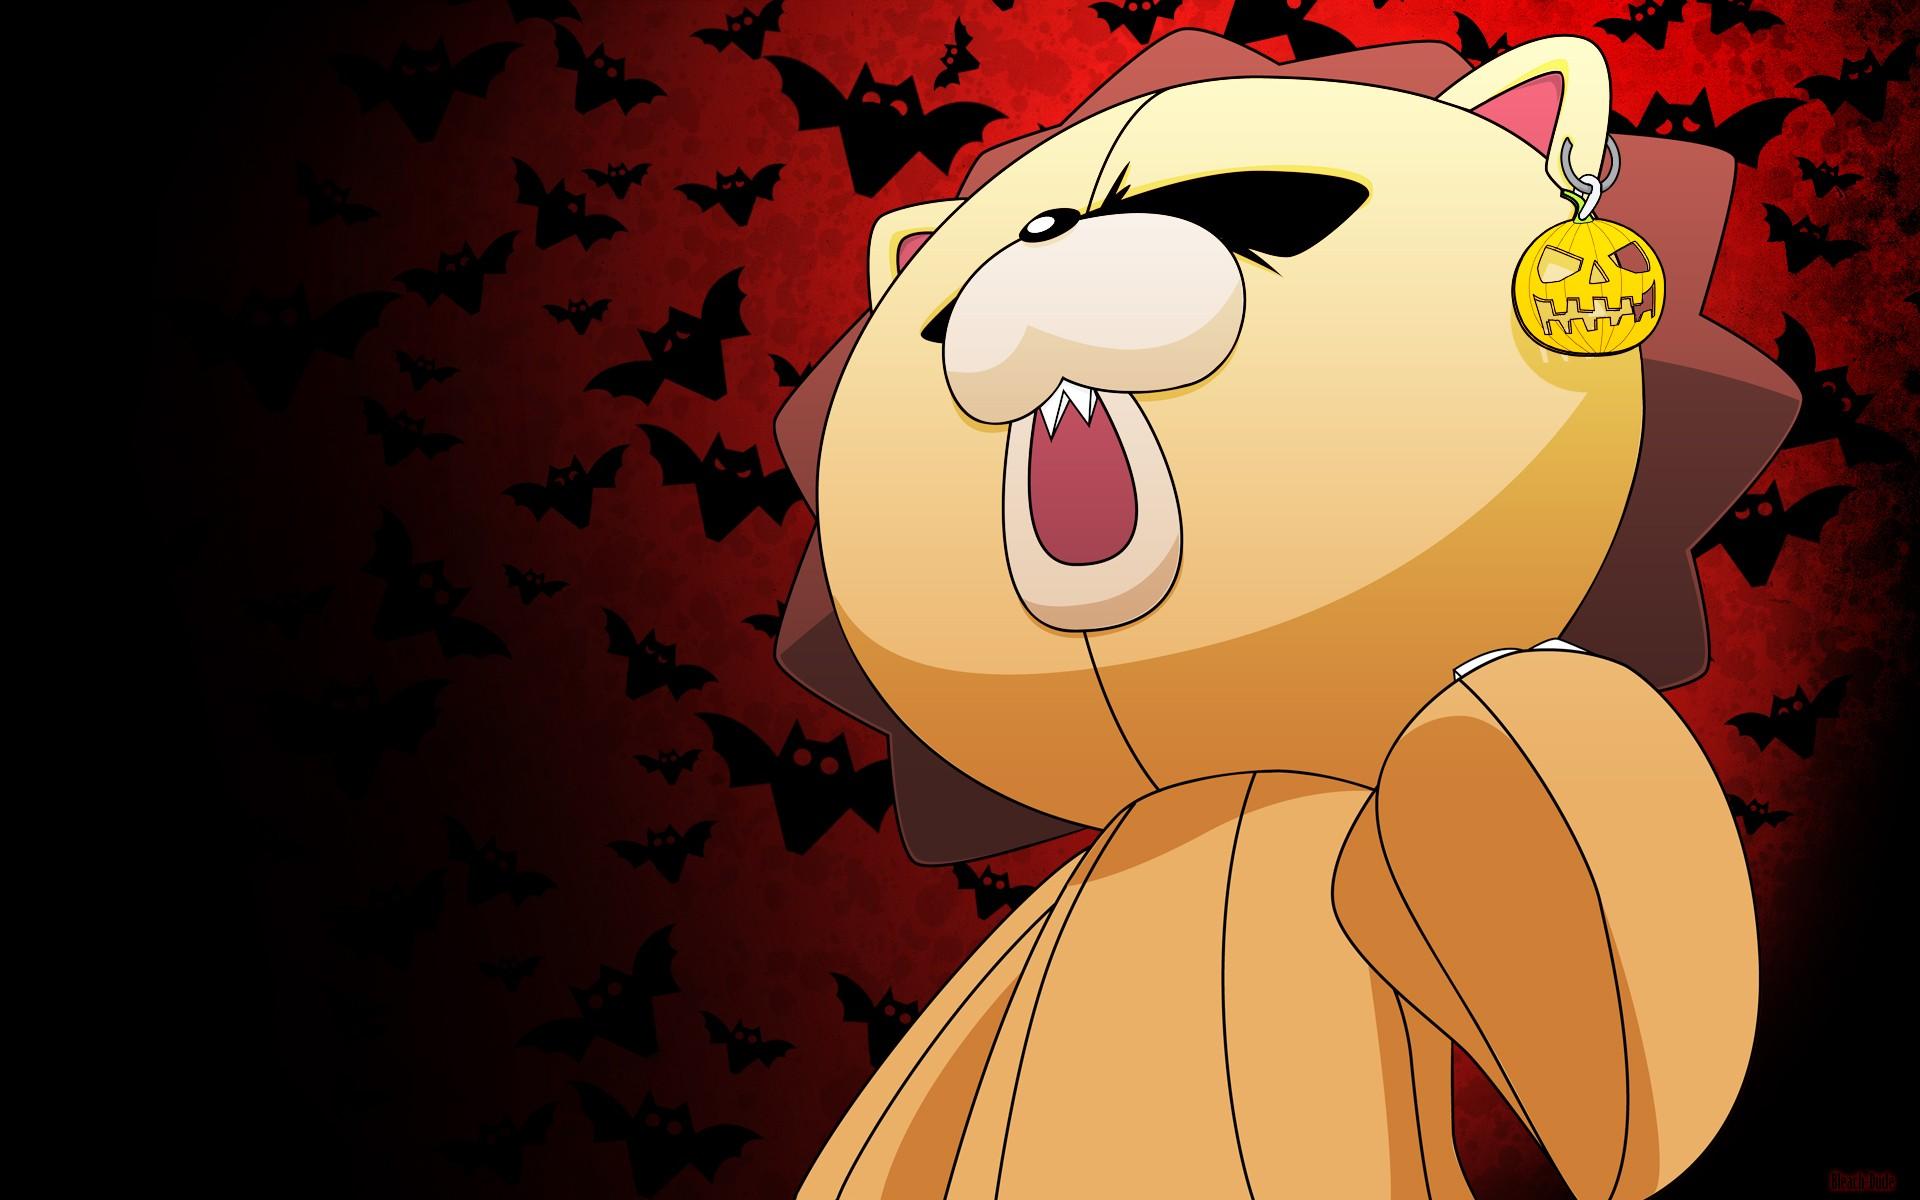 Bleach Kon Wallpaper 1920x1200 Bleach Kon Anime 1920x1200